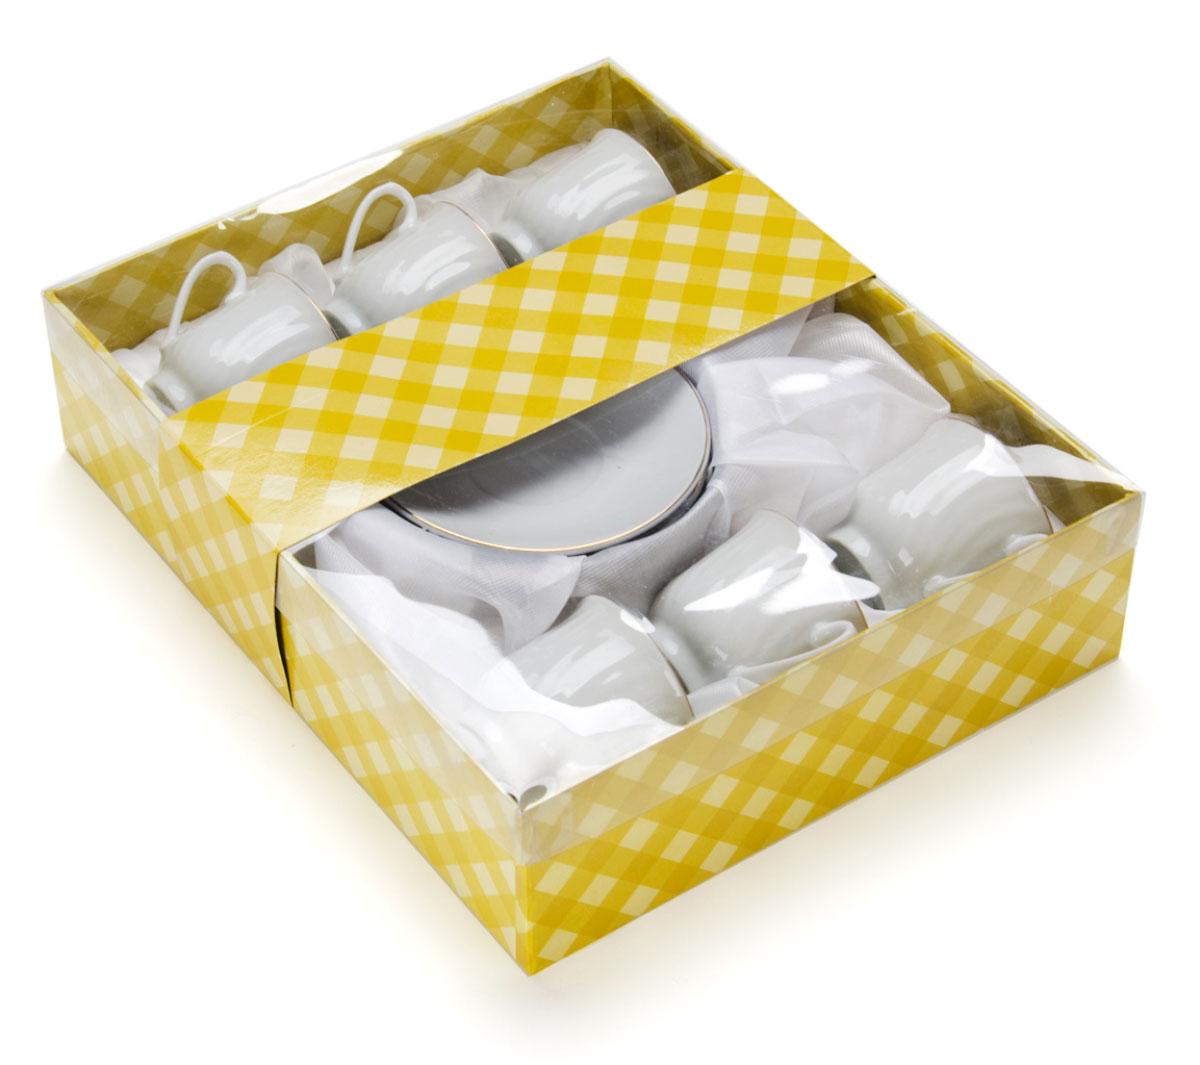 Набор кофейный Loraine, 12 предметов. 2561125611Набор имеет красивый нежный дизайн. Состоит из 12 предметов: чашка-6 шт (90 мл) и блюдце-6 шт. Набор изготовлен из качественной керамики. Керамика безопасна для здоровья и надолго сохраняет тепло напитка. Изысканно белый цвет с золотым декором придает набору элегантный вид. Набор аккуратно сложен в подарочную упаковку. Размеры: чашка - D6х5,5см, блюдце - D10,5см. Станет прекрасным украшением сервировки стола, а процесс чаепития превратится в одно удовольствие! Прекрасный выбор для подарка родным и друзьям.